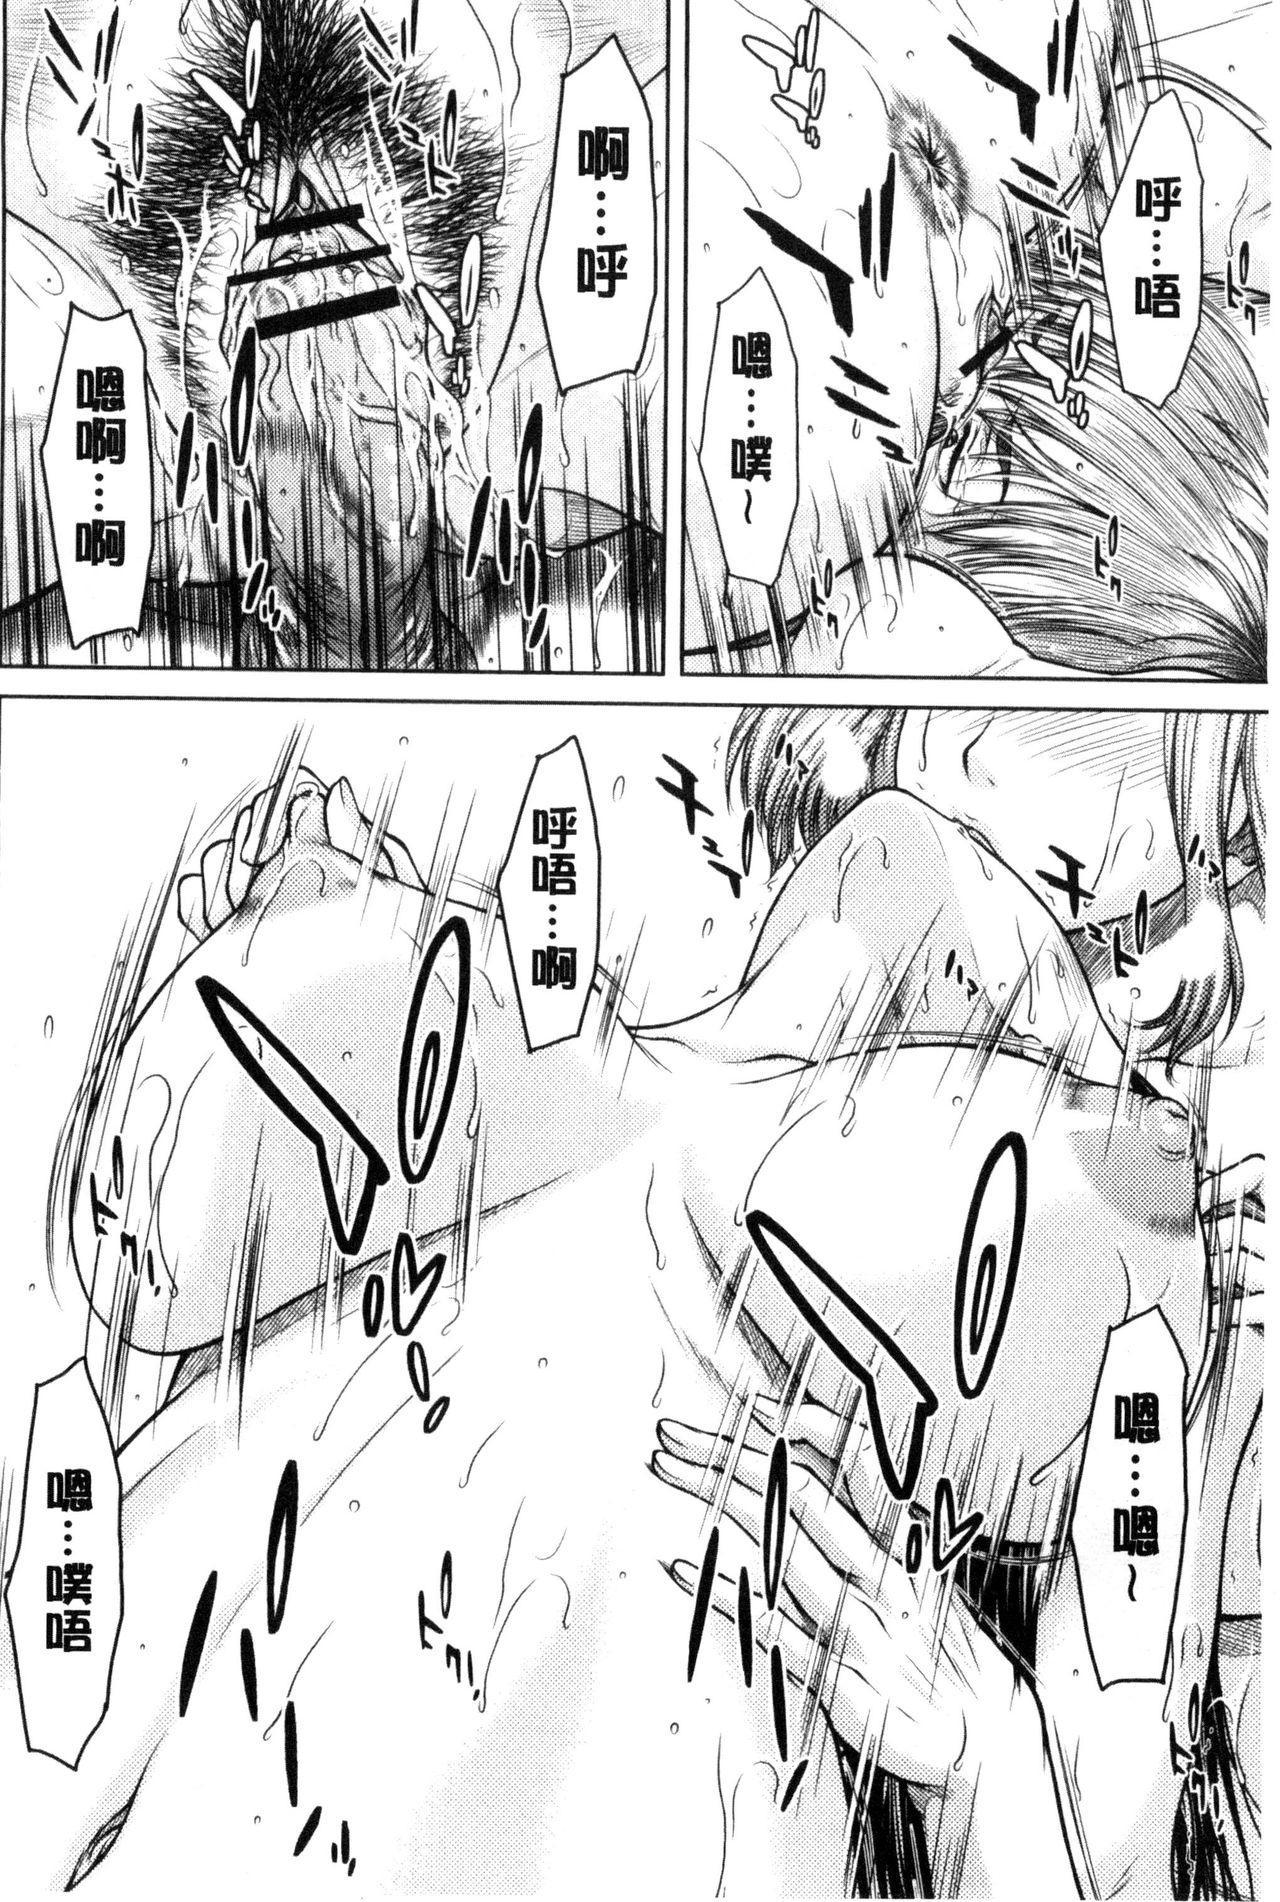 Mesukano Inbina Mesu Kanojotachi To No Hibi 152